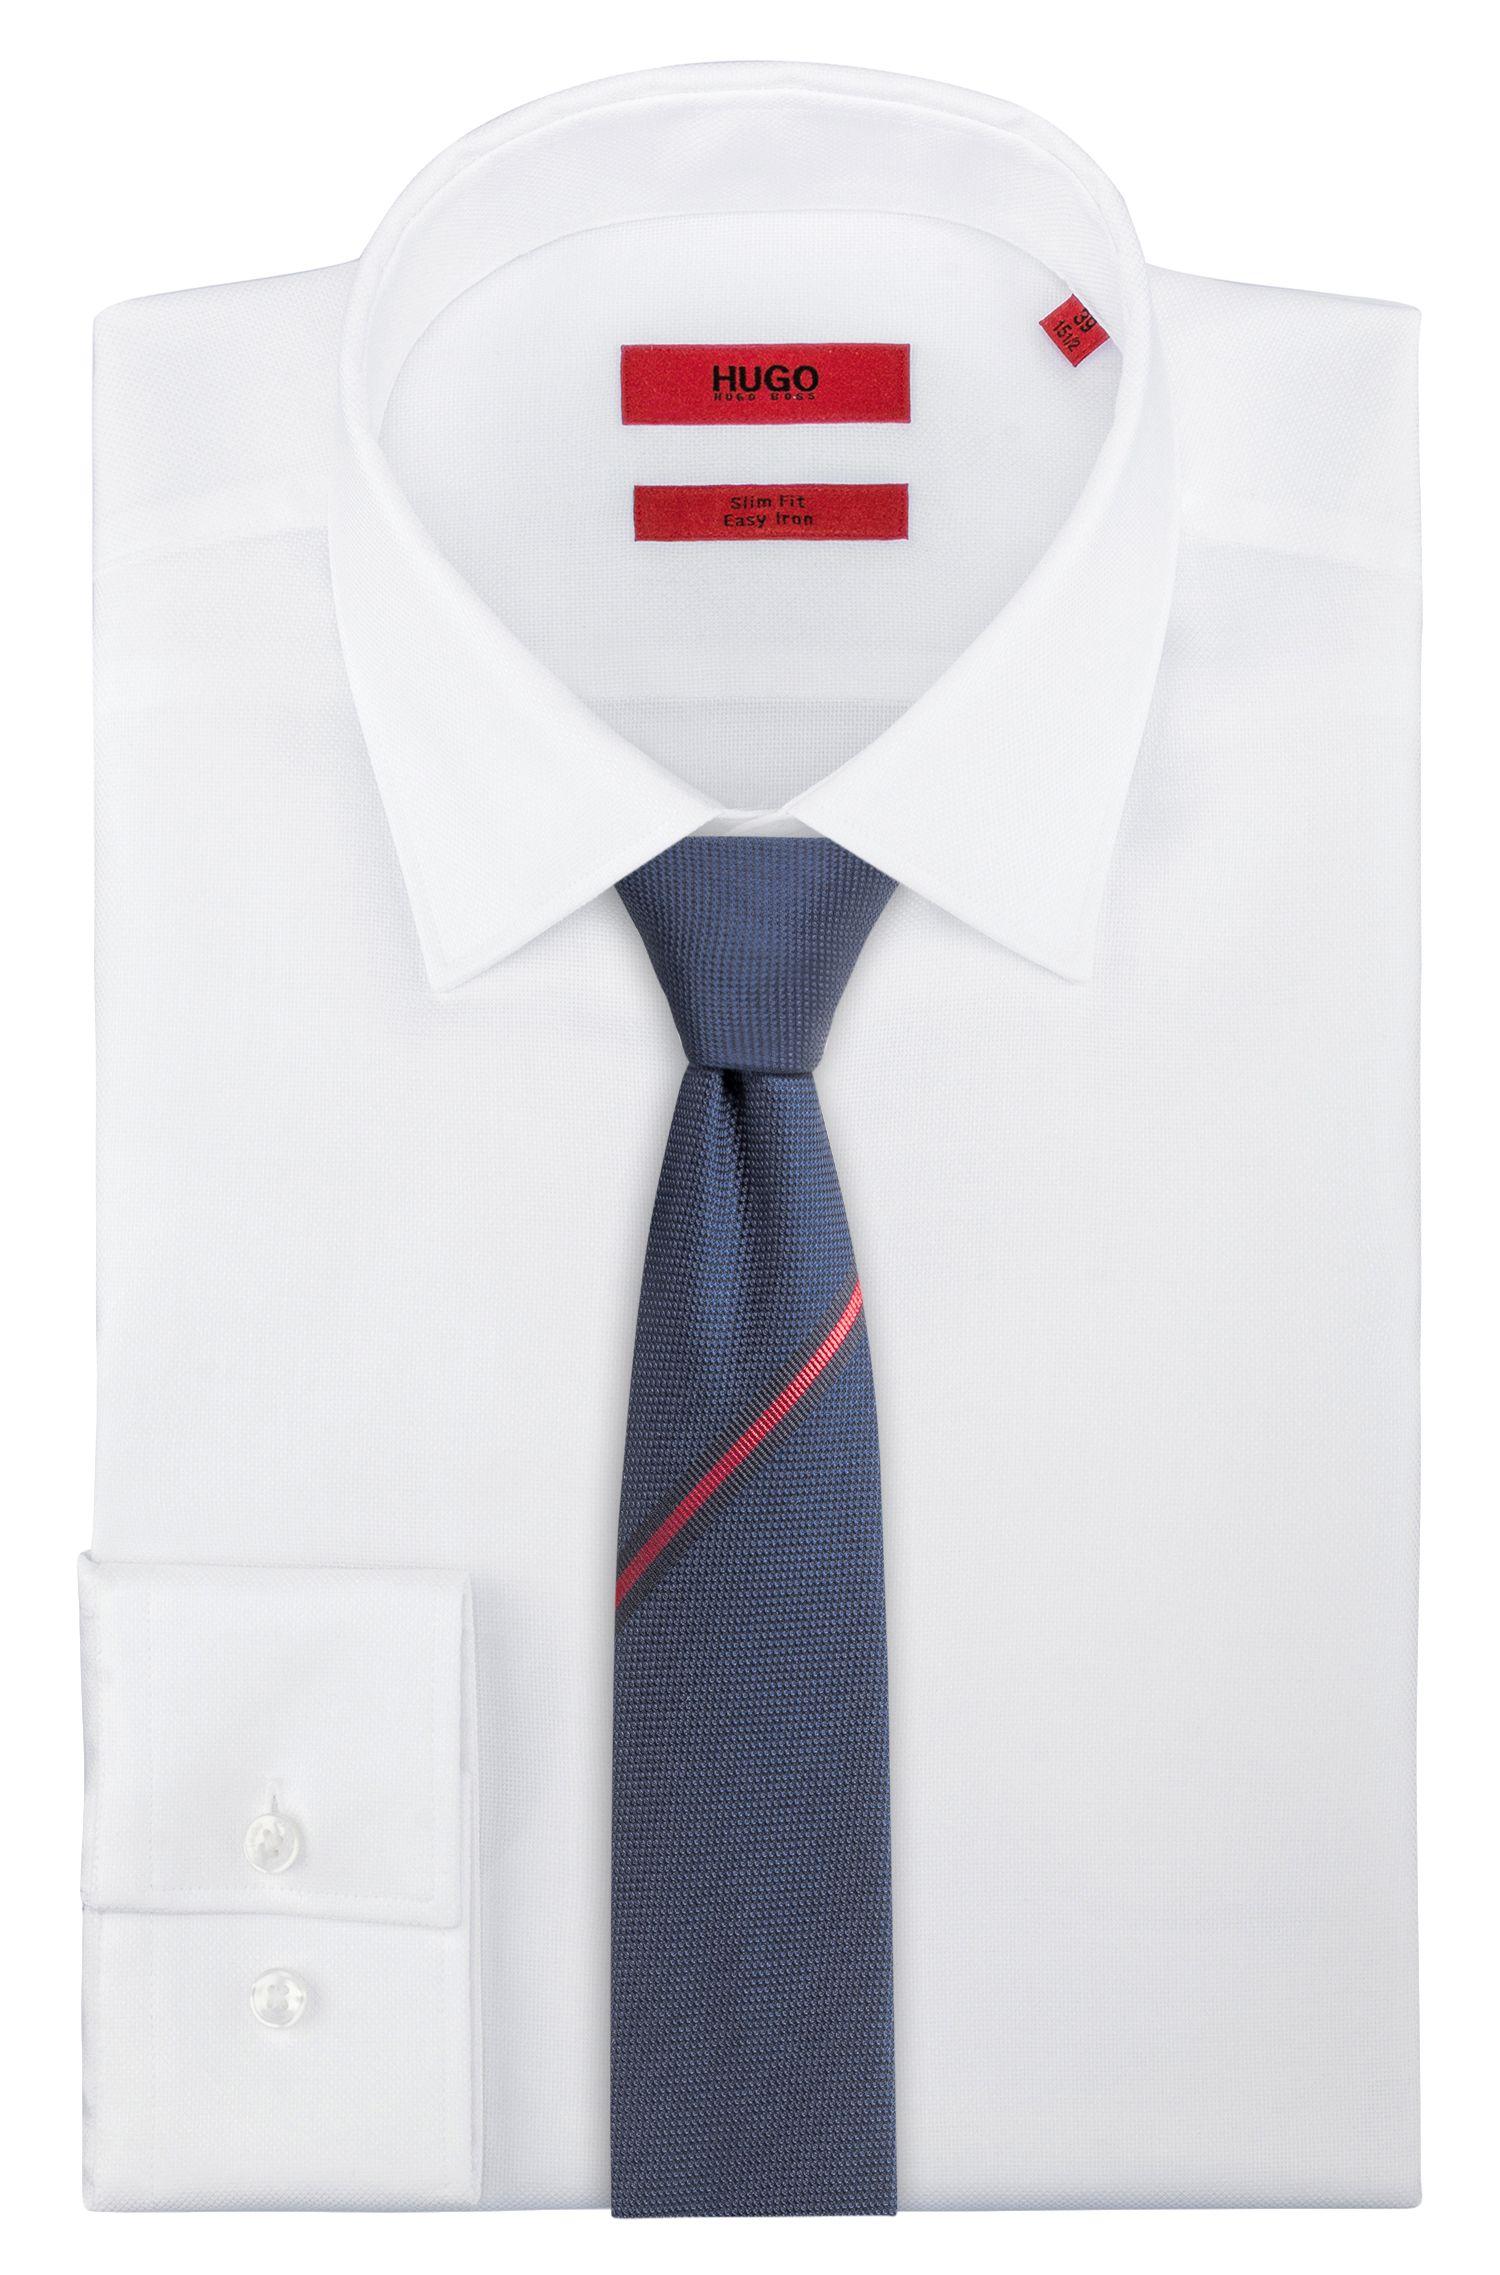 Hugo Boss - Krawatte aus Seiden-Jacquard im Sportswear-Look - 2